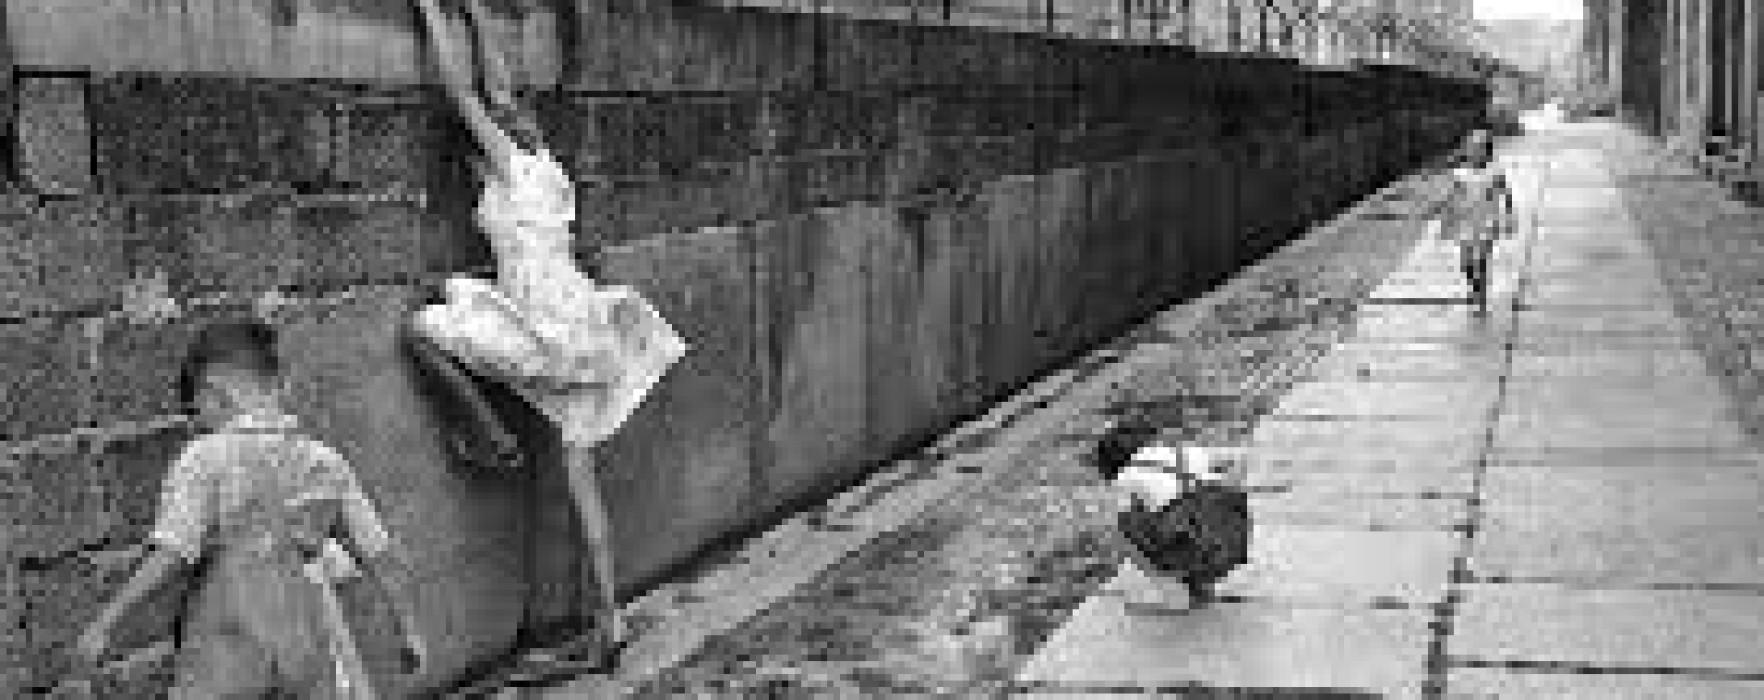 1989 Die Berliner Mauer, II muro di Berlino. 1-nessuno 100.000